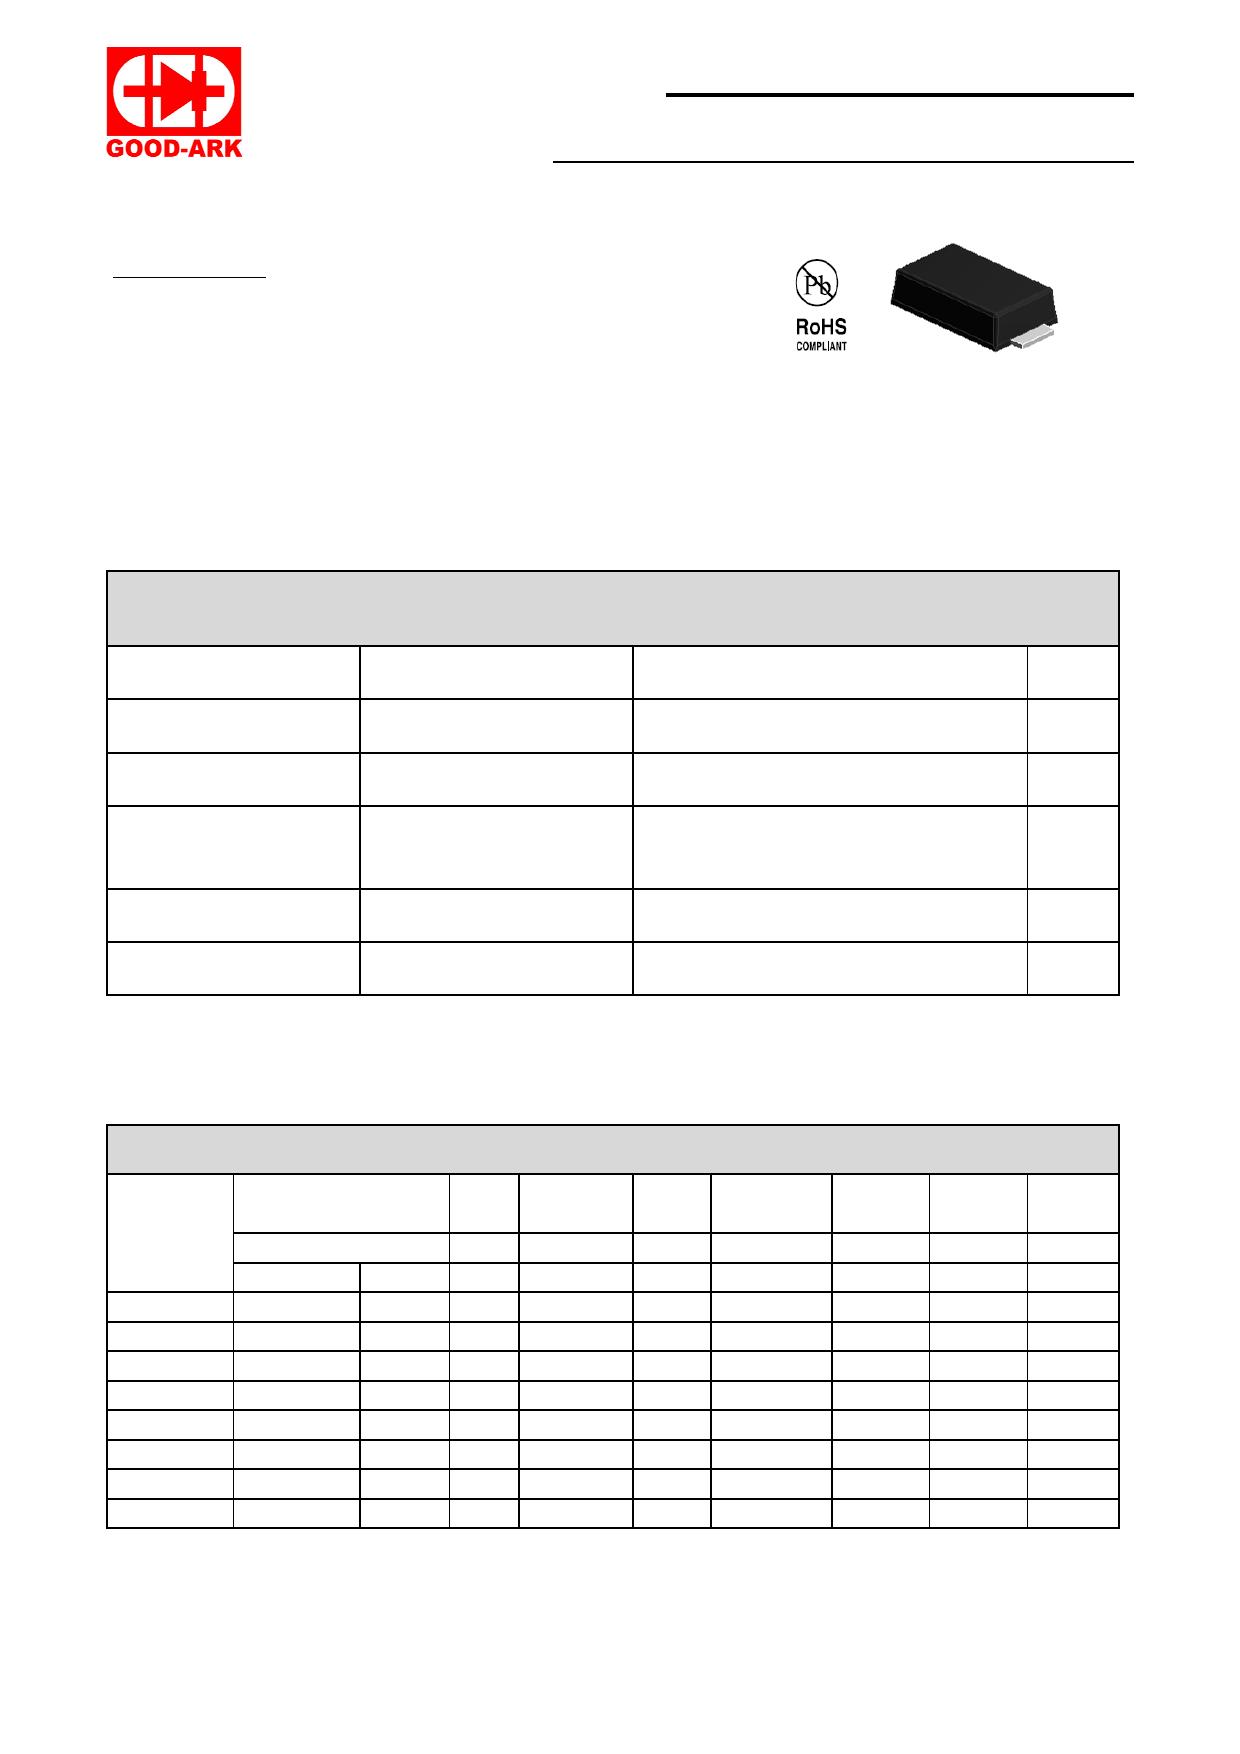 L1N5928 datasheet